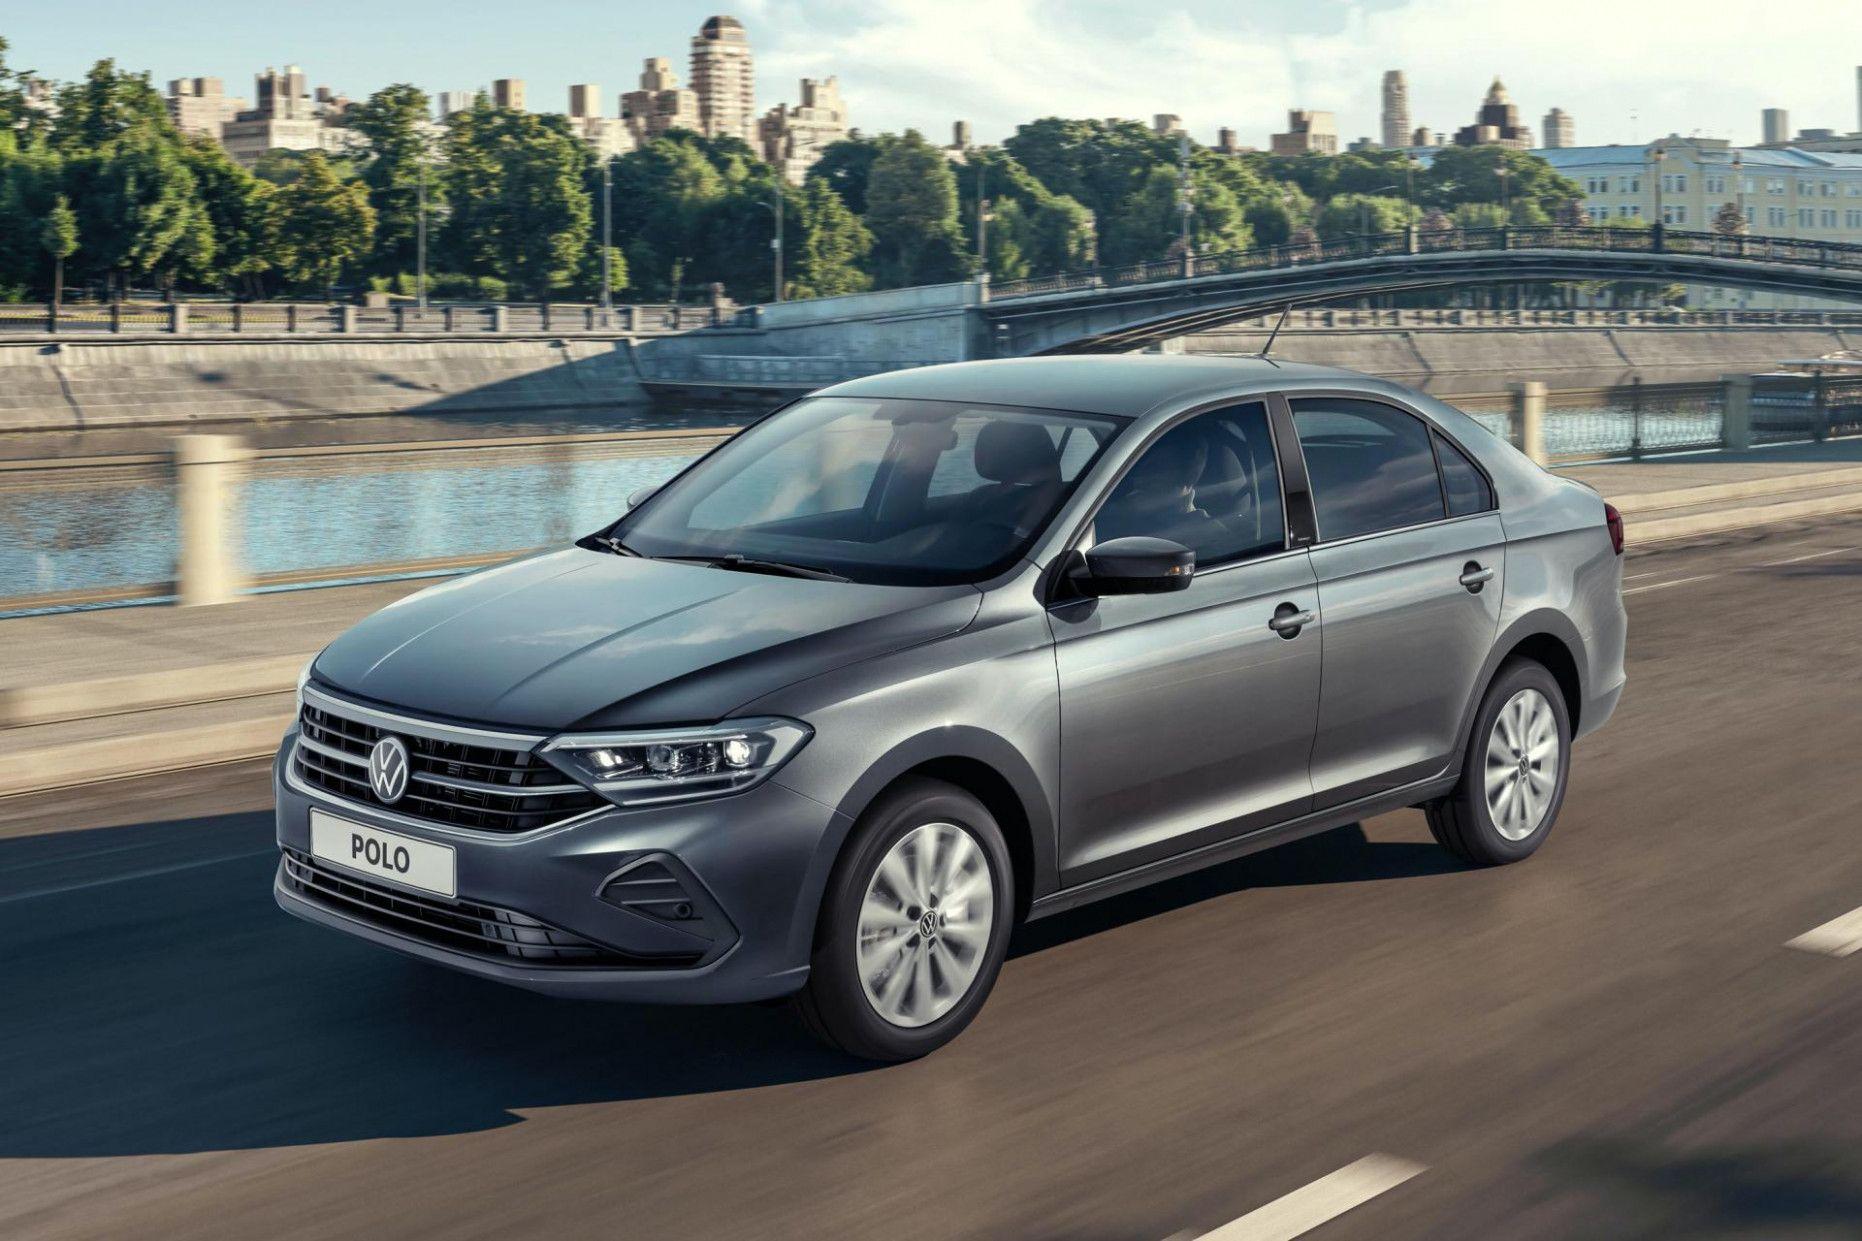 10 Picture 2020 Volkswagen Vento In 2020 Volkswagen Polo Volkswagen Volkswagen Car